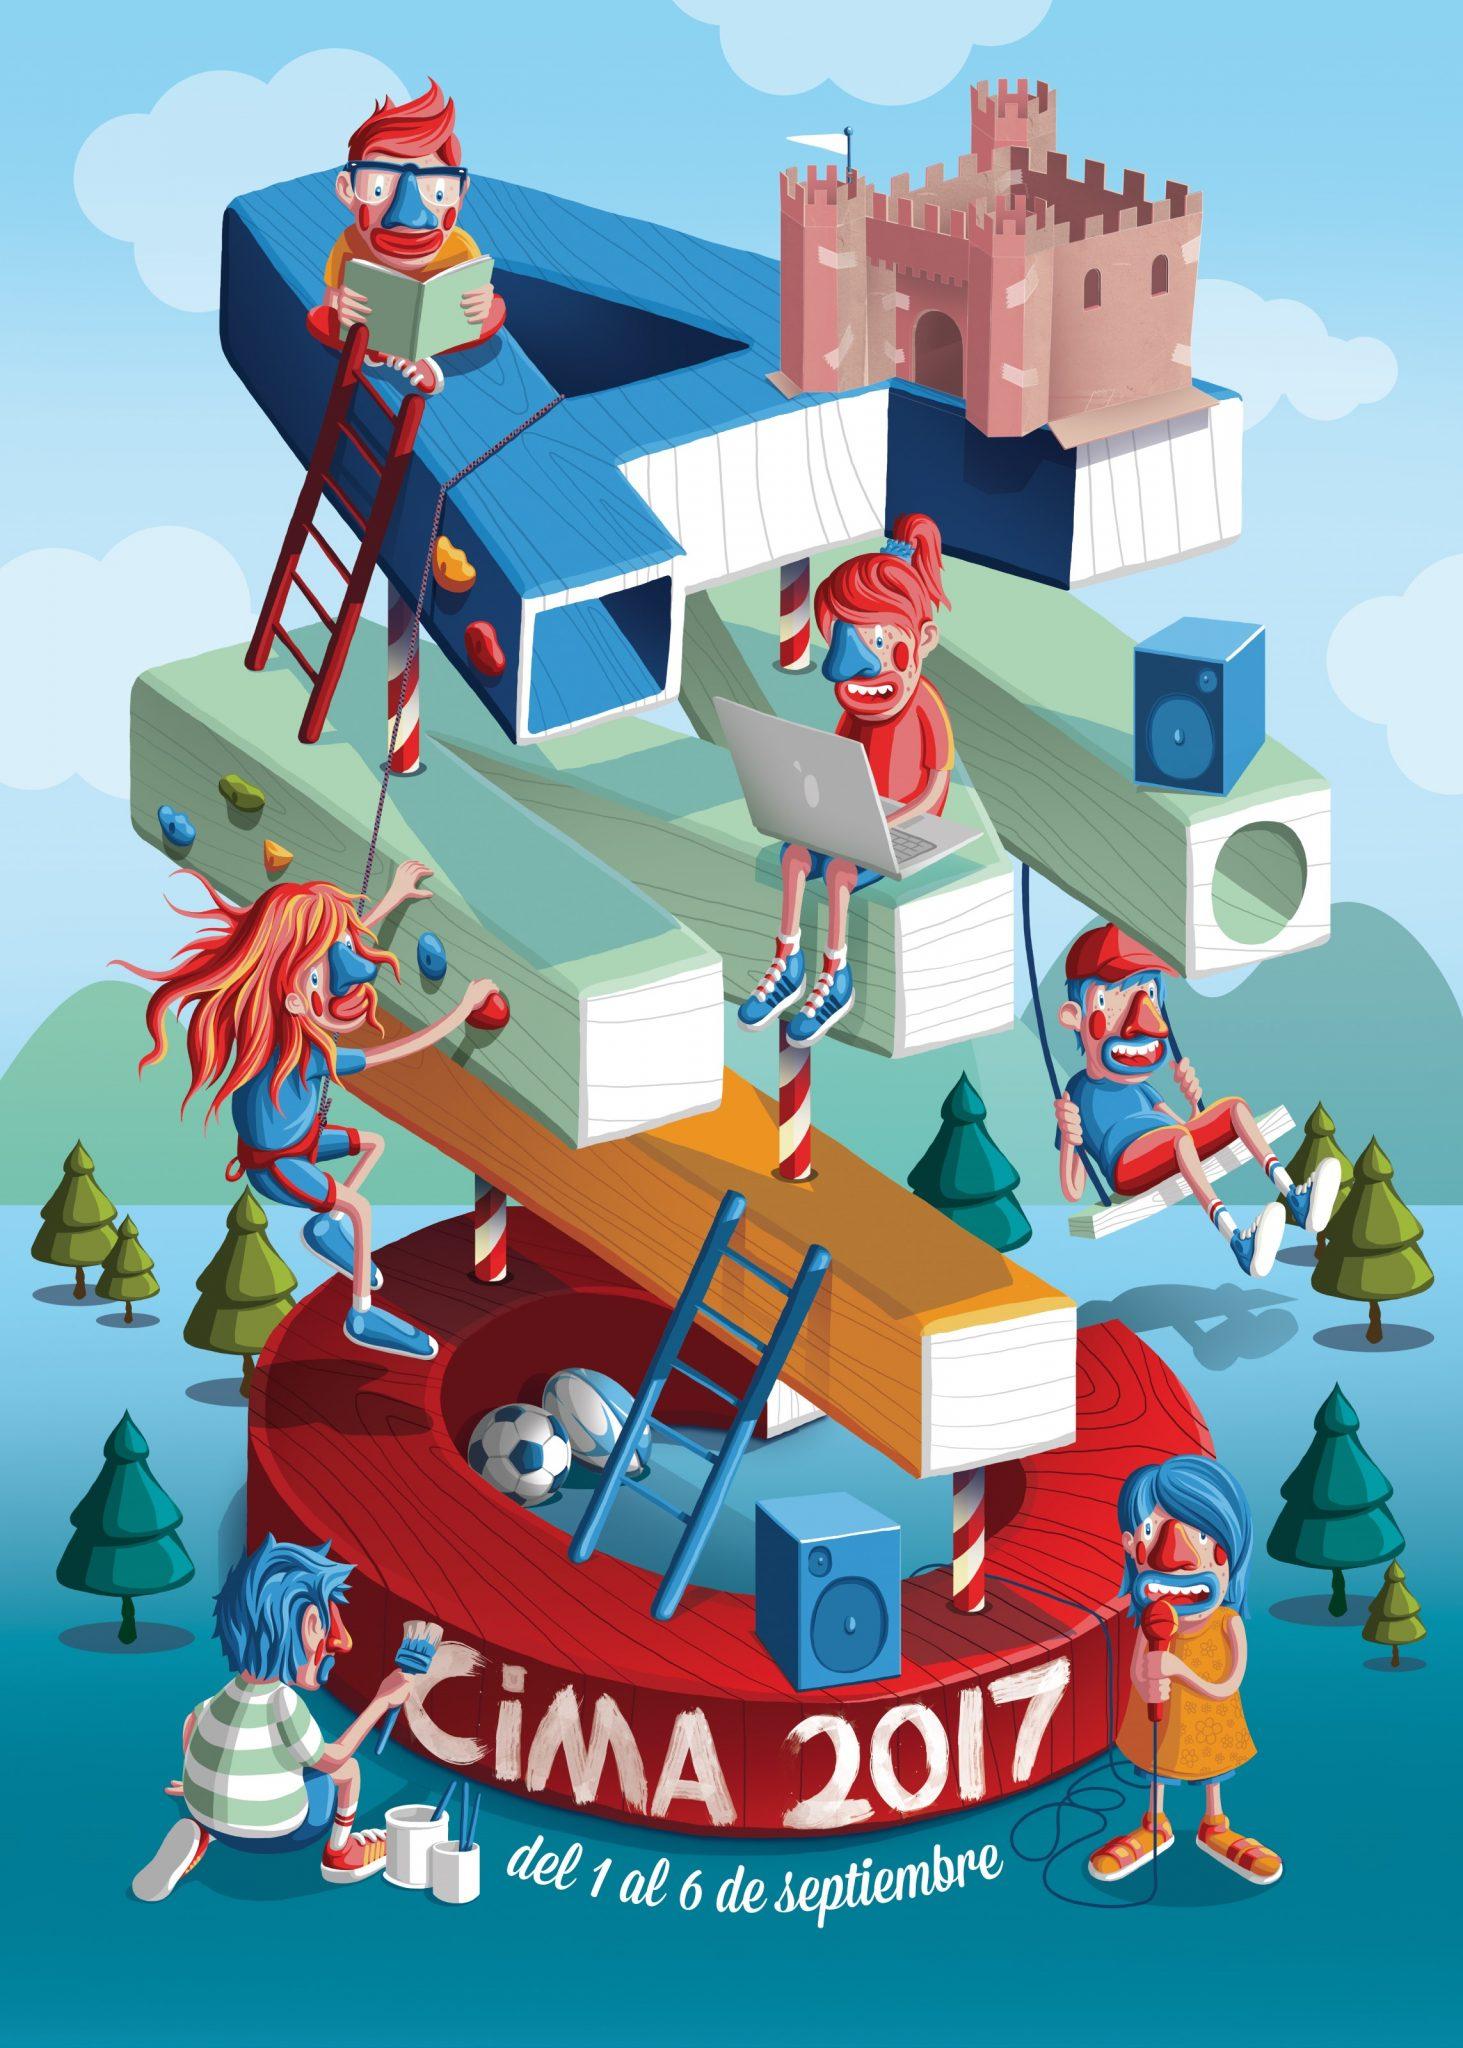 Fiestas de la Encina Ponferrada 2017. Programa completo 6